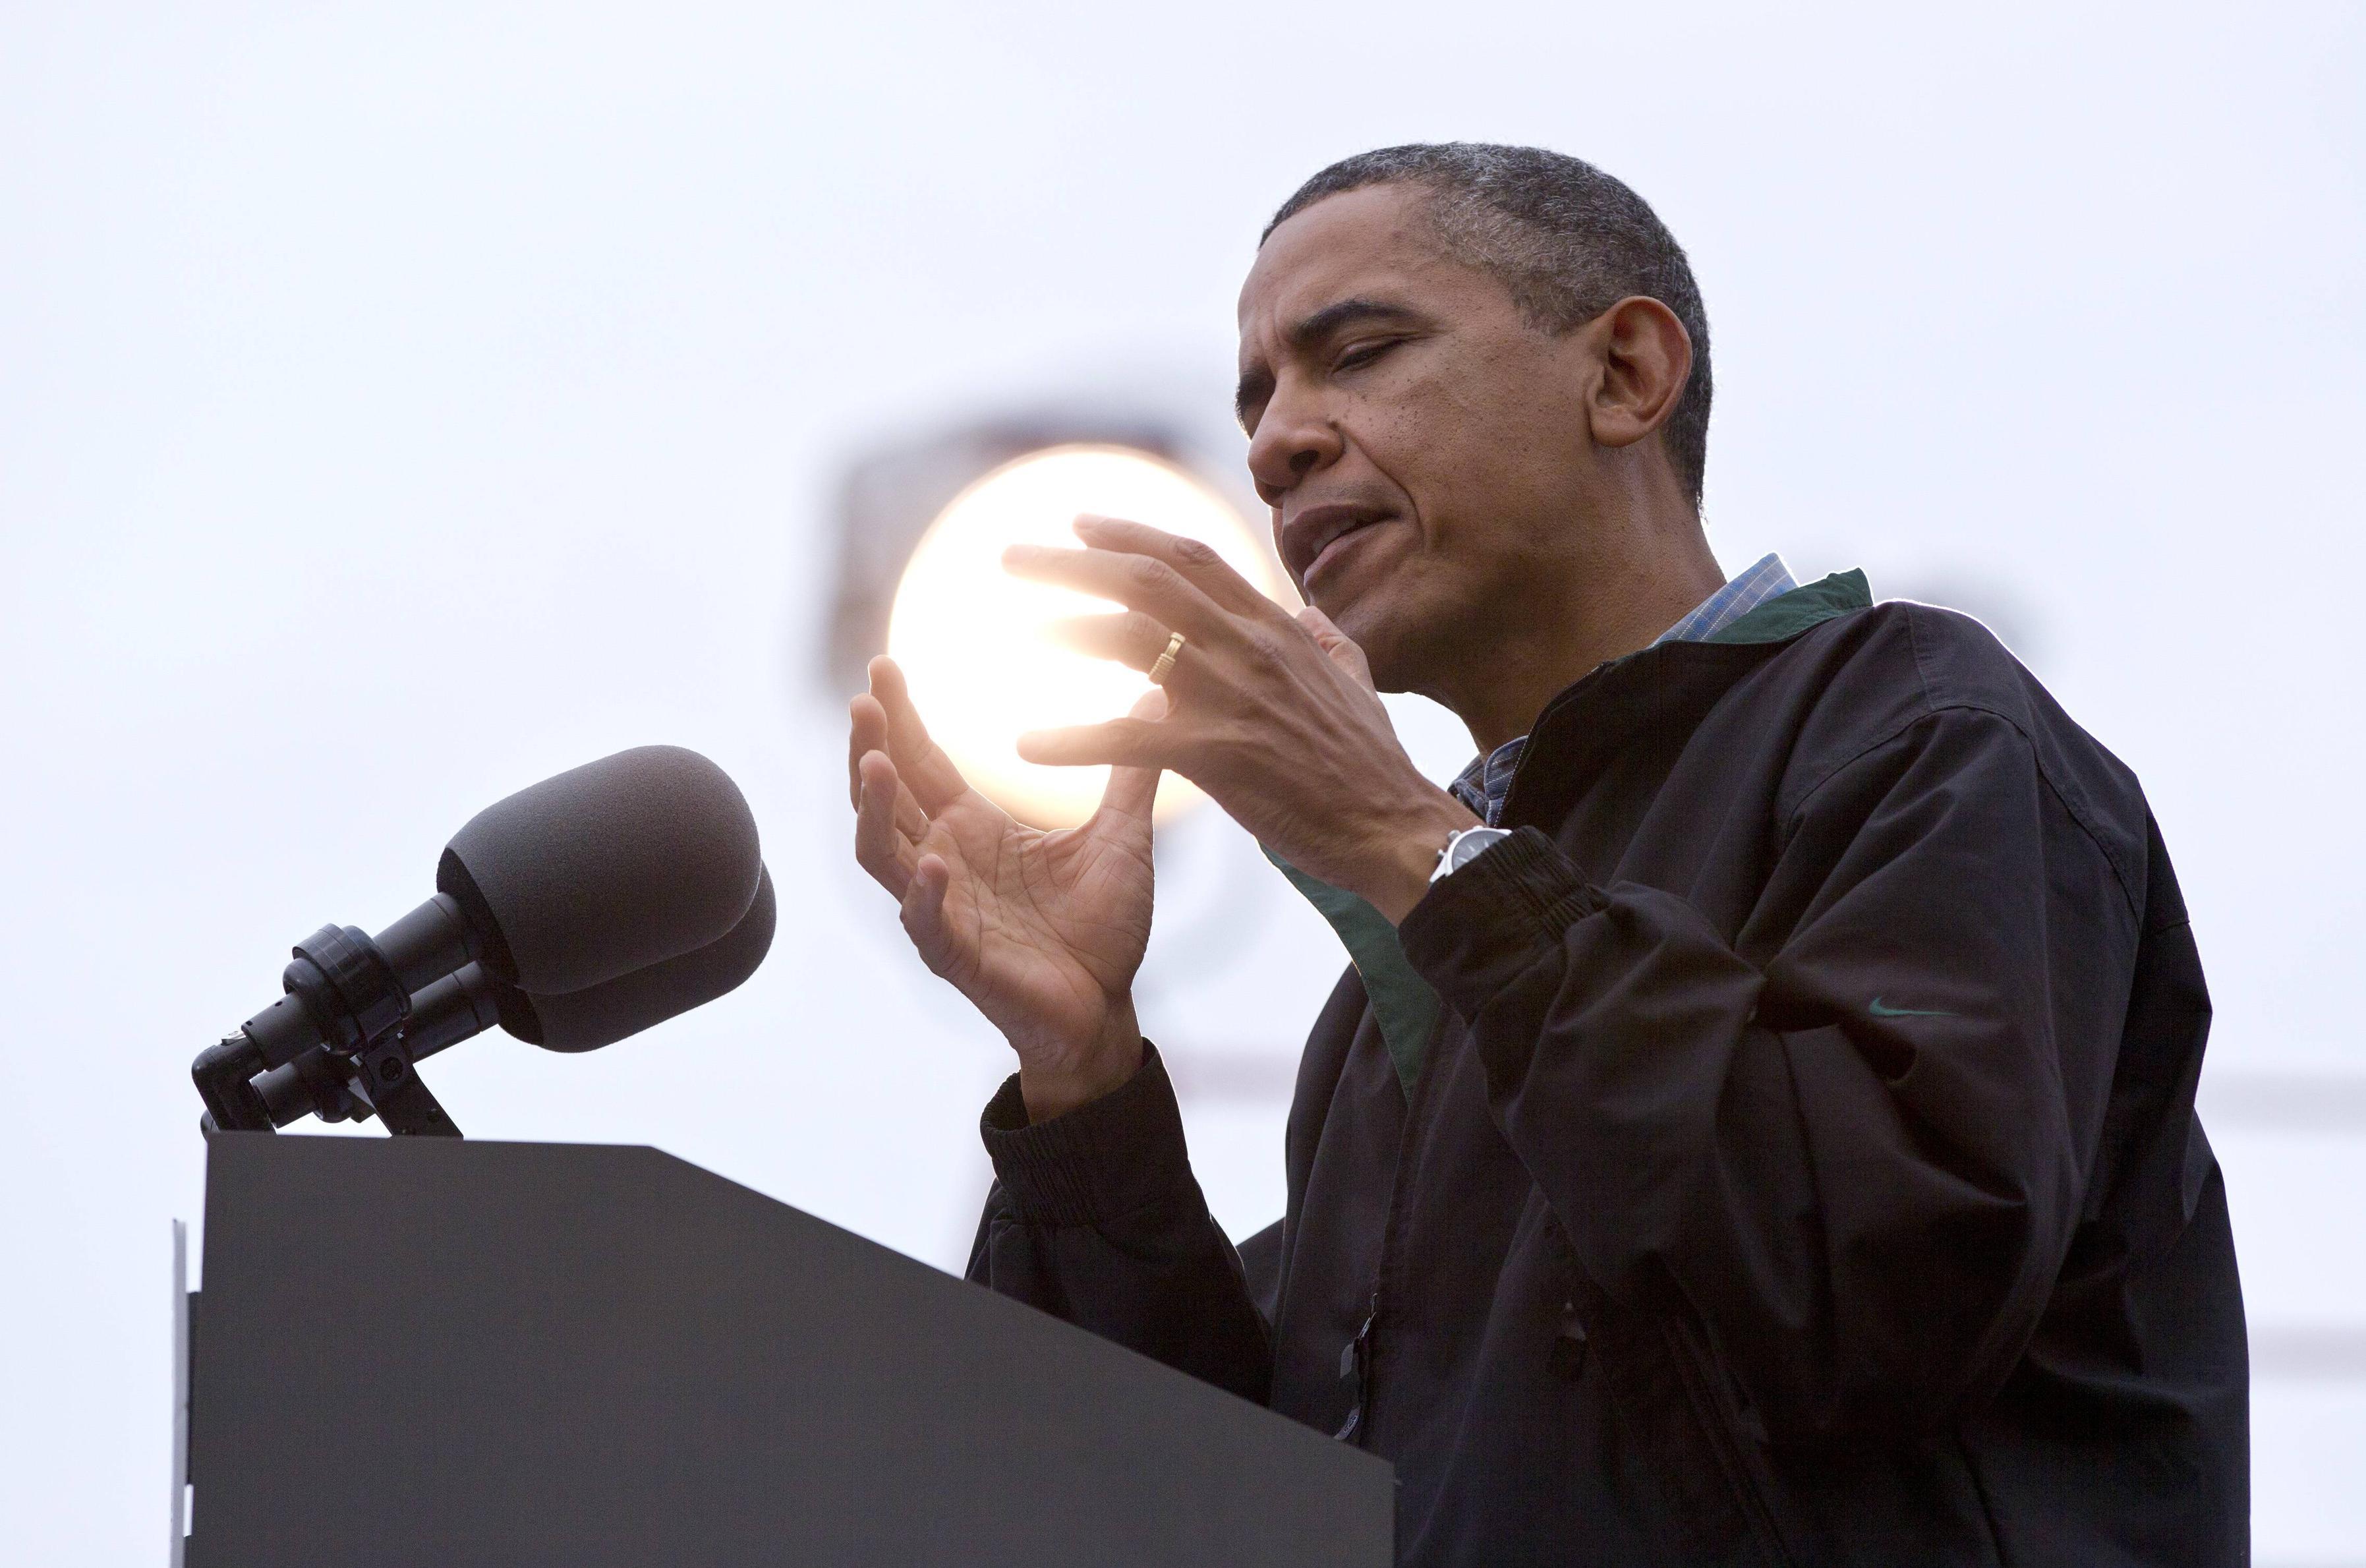 obama's light